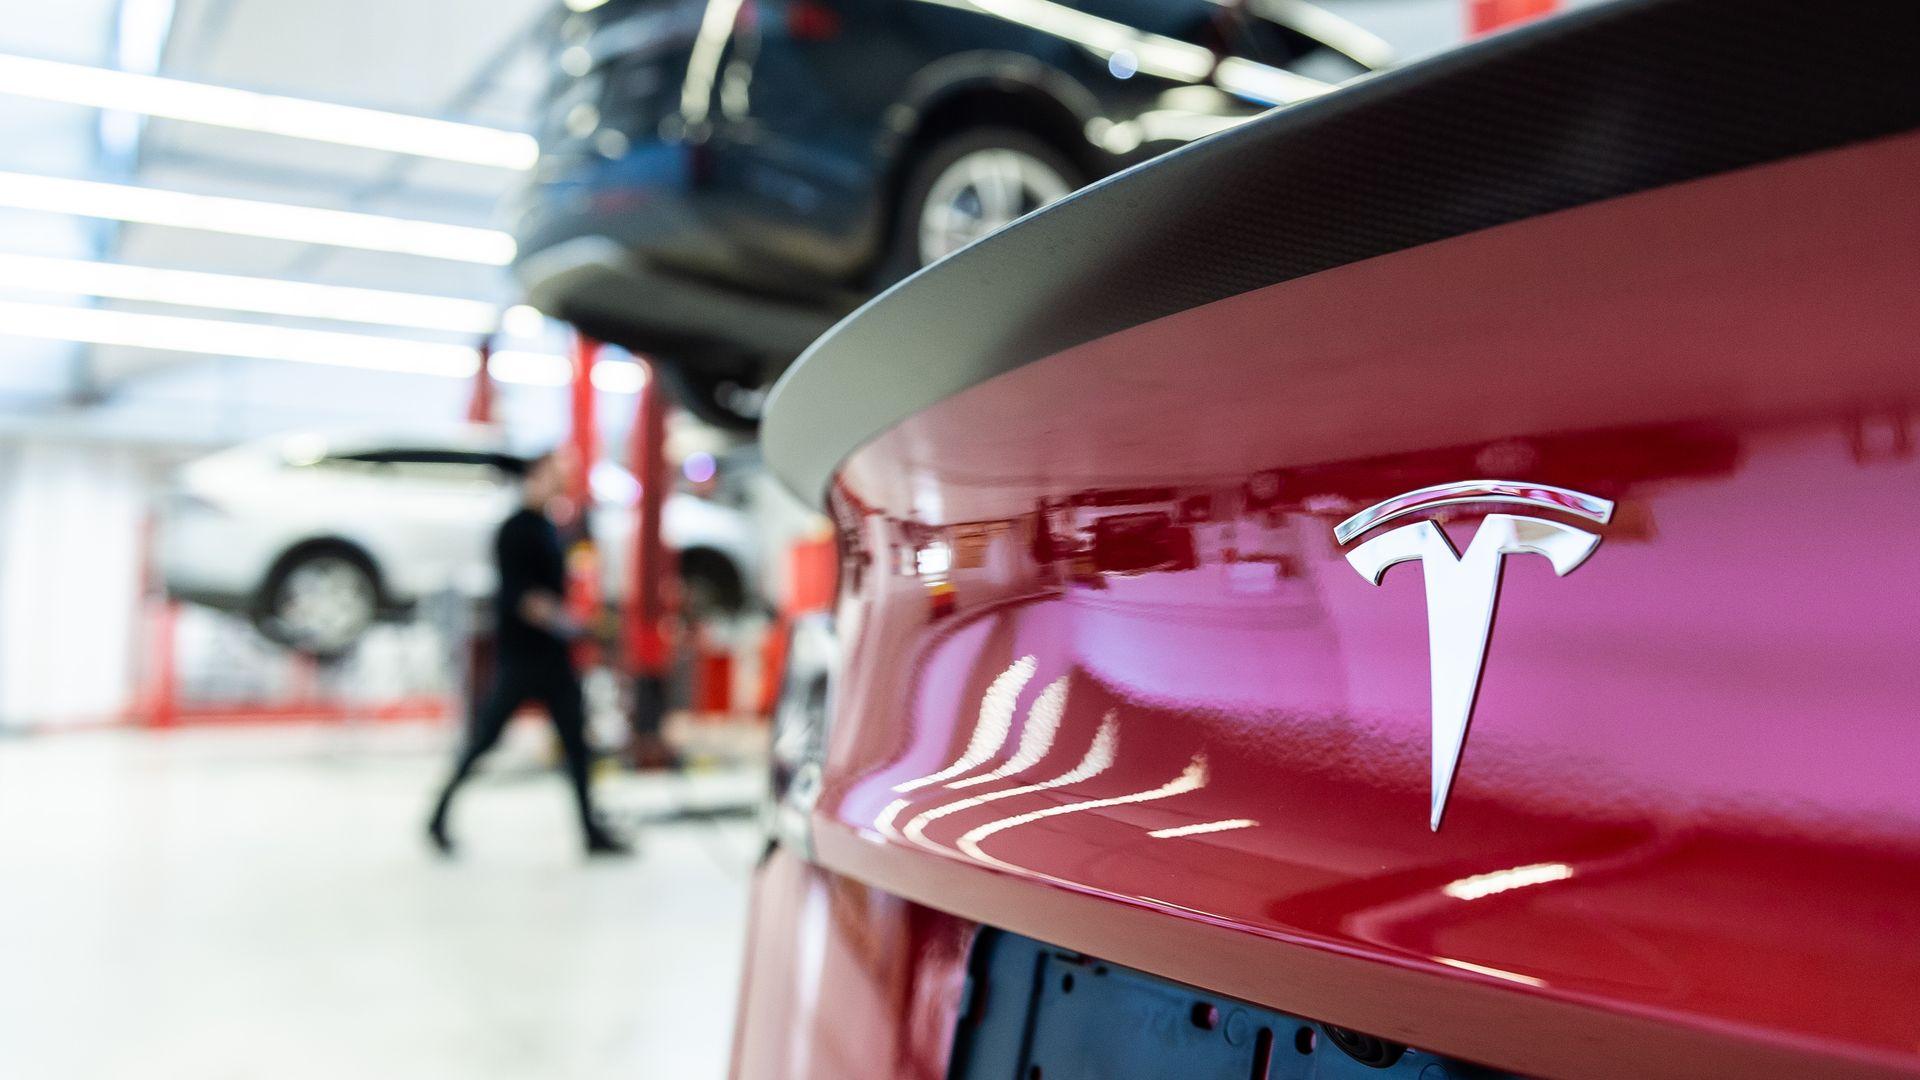 Tesla Model Y Facebook: Elon Musk Says Tesla Will Unveil Model Y Crossover SUV On